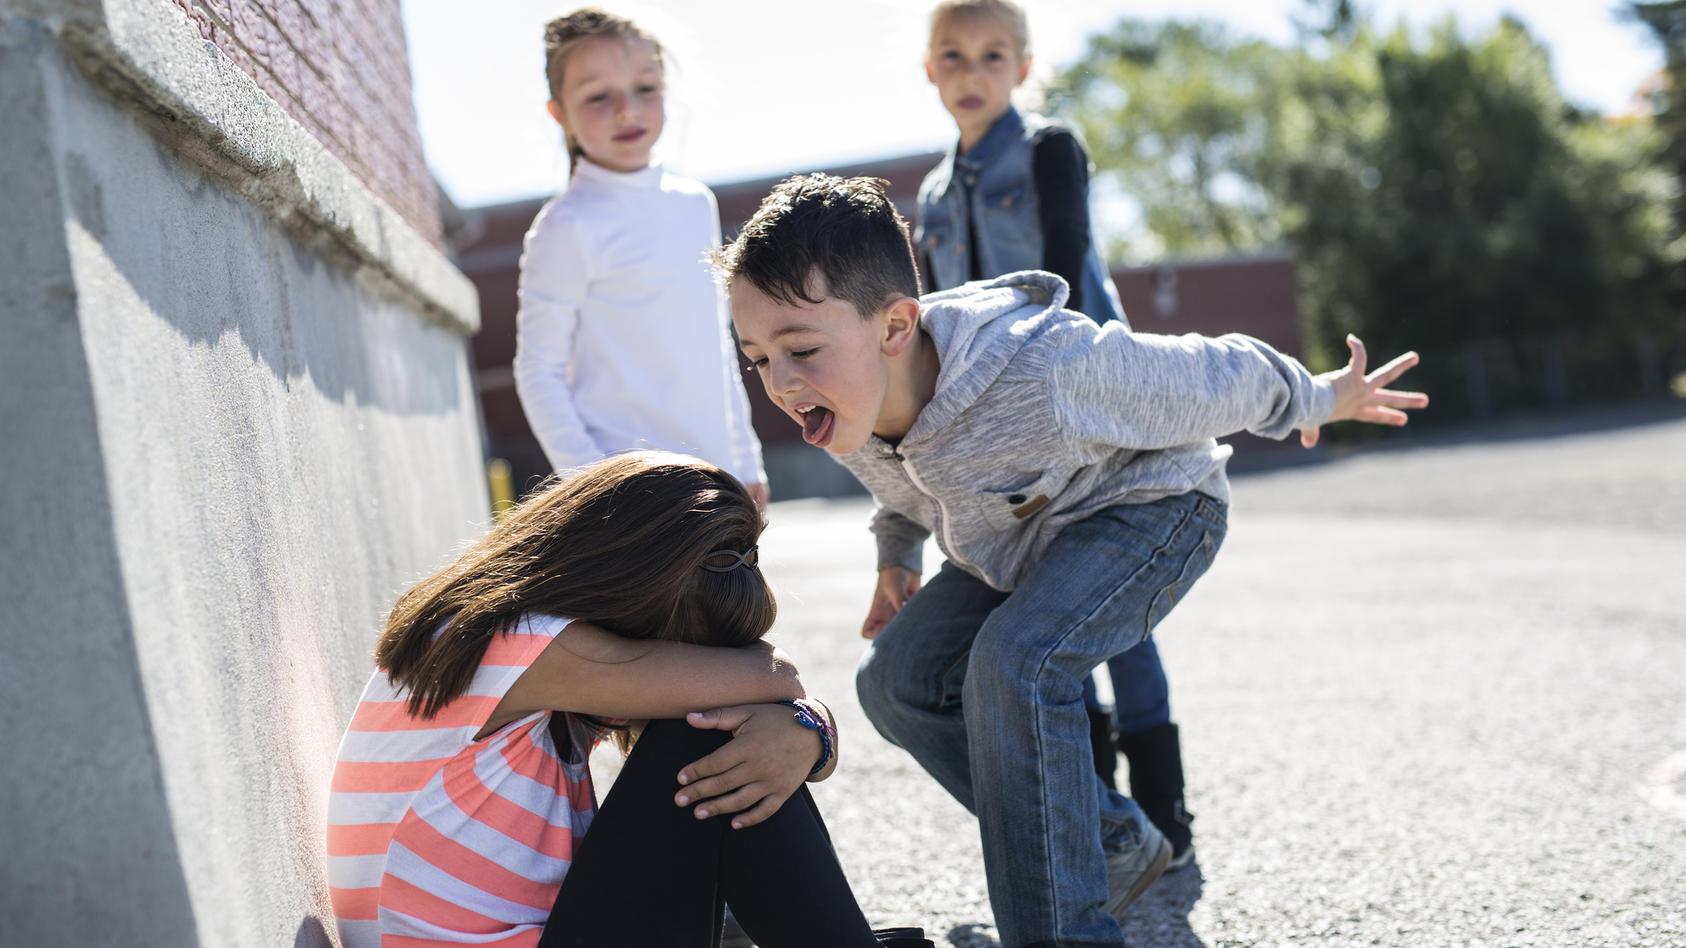 Wie sollten Kinder am besten reagieren, wenn sie von anderen Kindern geschubst oder geärgert werden? (Symbolbild)